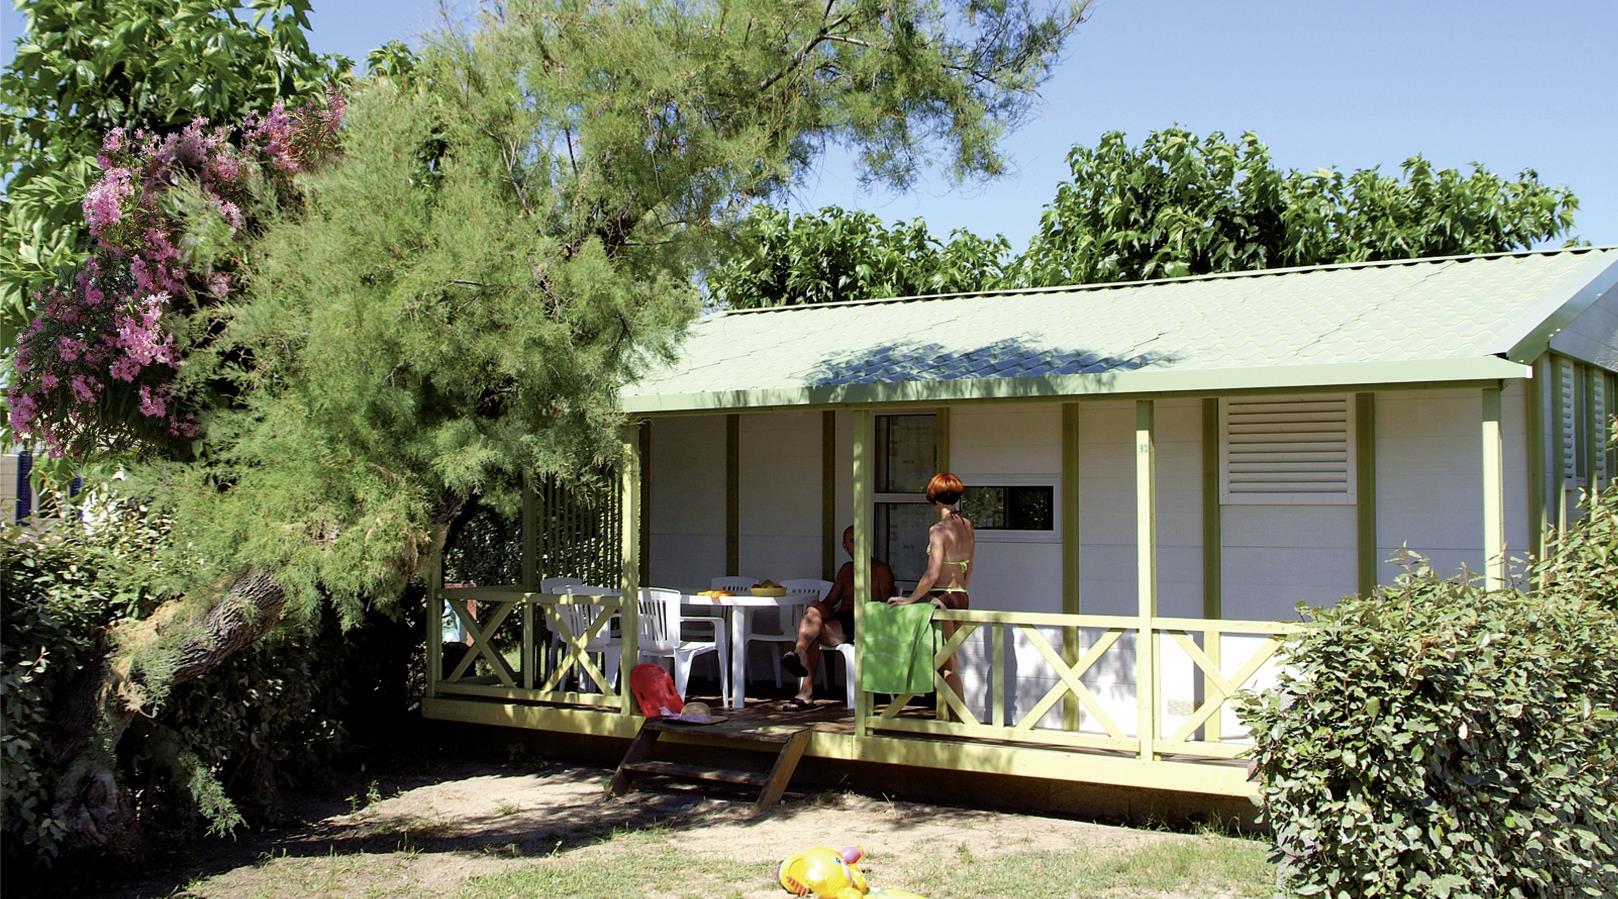 Location - Chalet 3 Chambres** - Camping Sandaya Les Tamaris